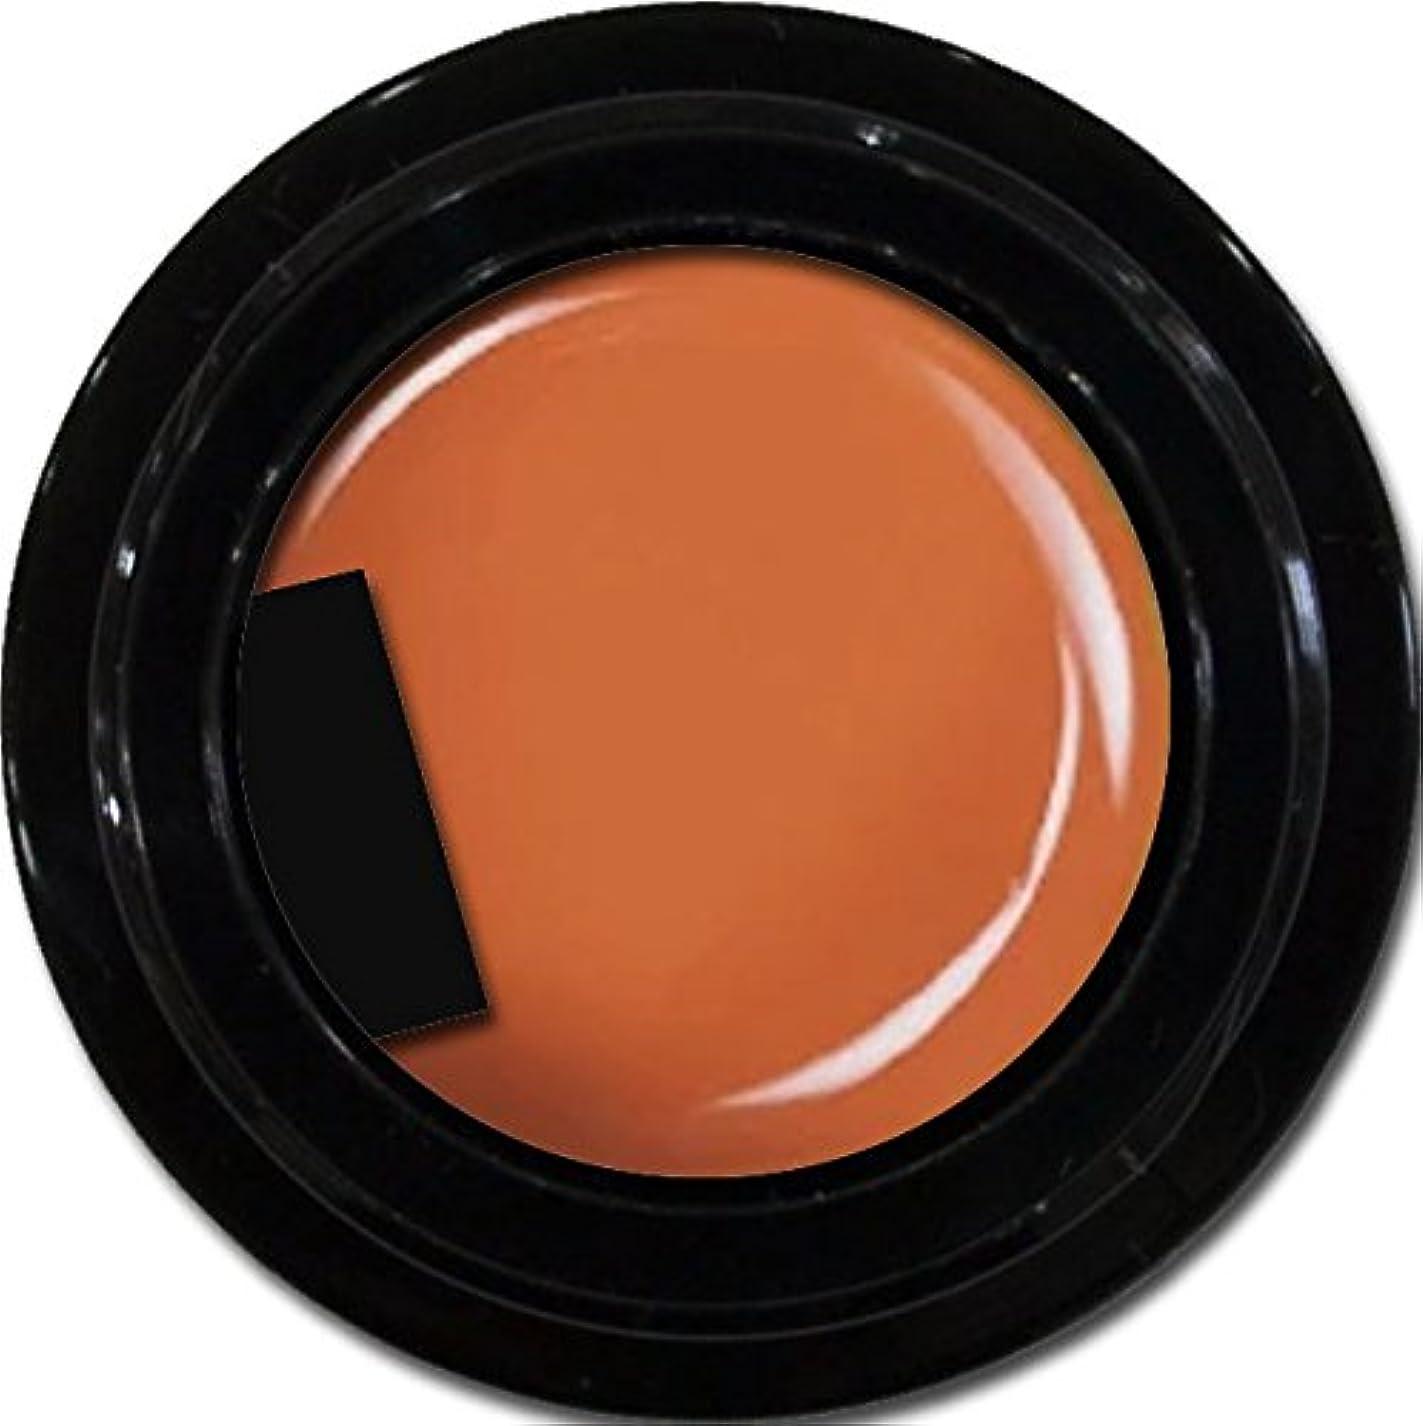 甘味適度にカタログカラージェル enchant color gel M303 Halloween 3g/ マットカラージェル M303 ハロウィーン 3グラム